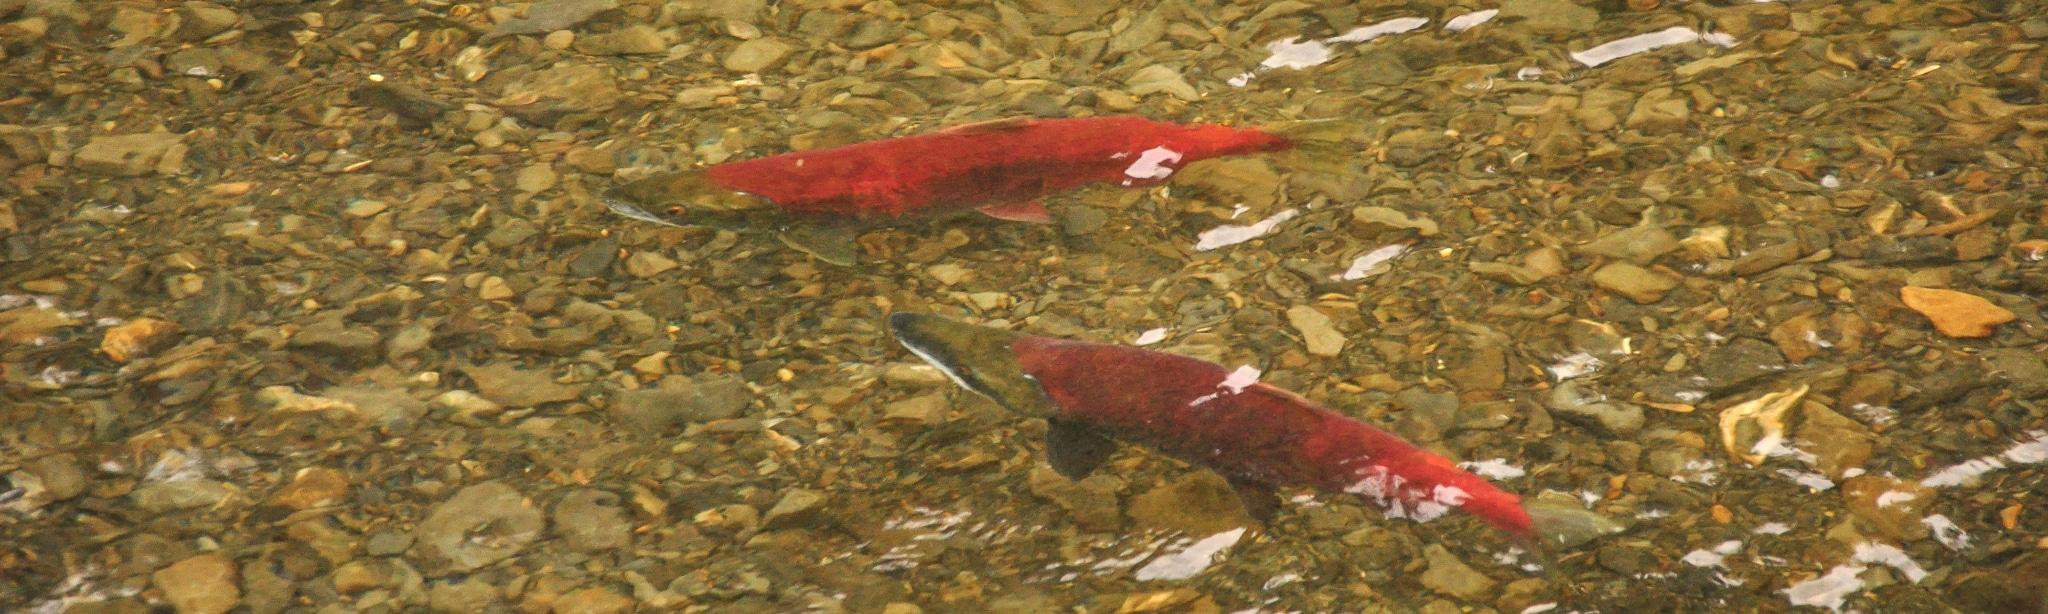 Lachswanderung im Yukon